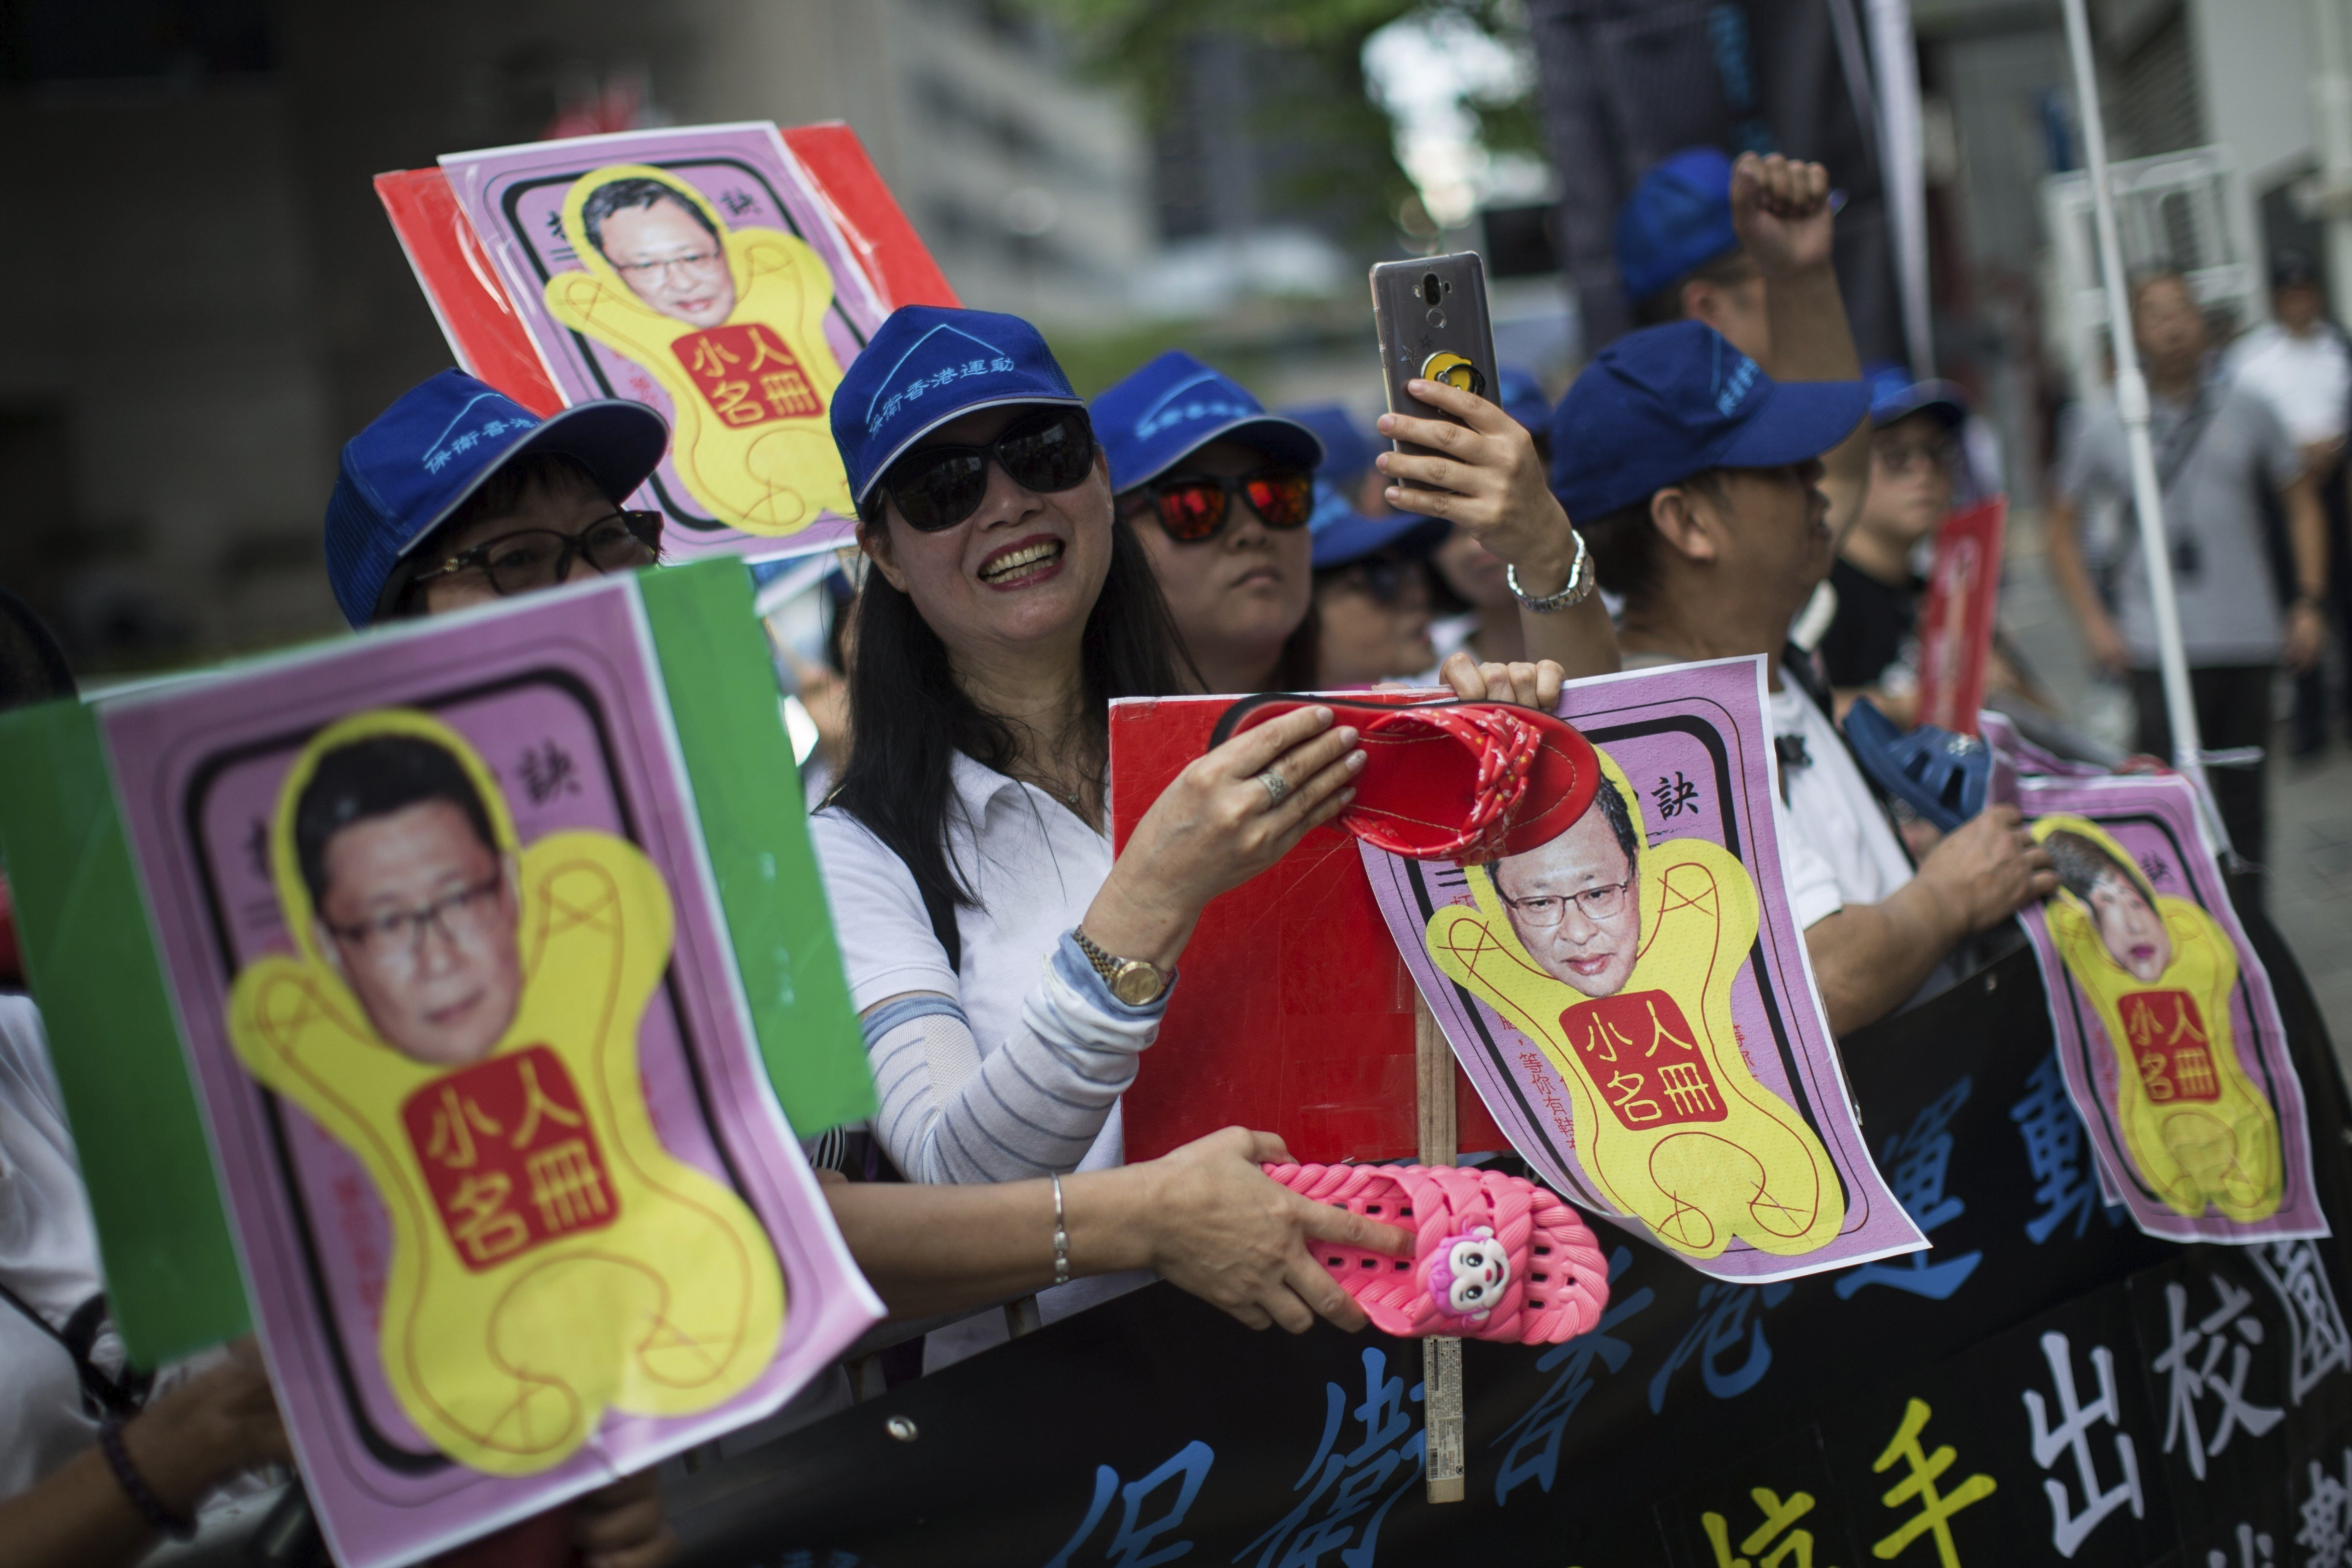 """Activistes es manifesten enfront del tribunal on se celebra el judici contra els líders de la """"Revolució dels Paraigües"""" de Hong Kong per la seva participació en les històriques manifestacions a favor d'una major democràcia, Xina. /JEROME FAVRE"""